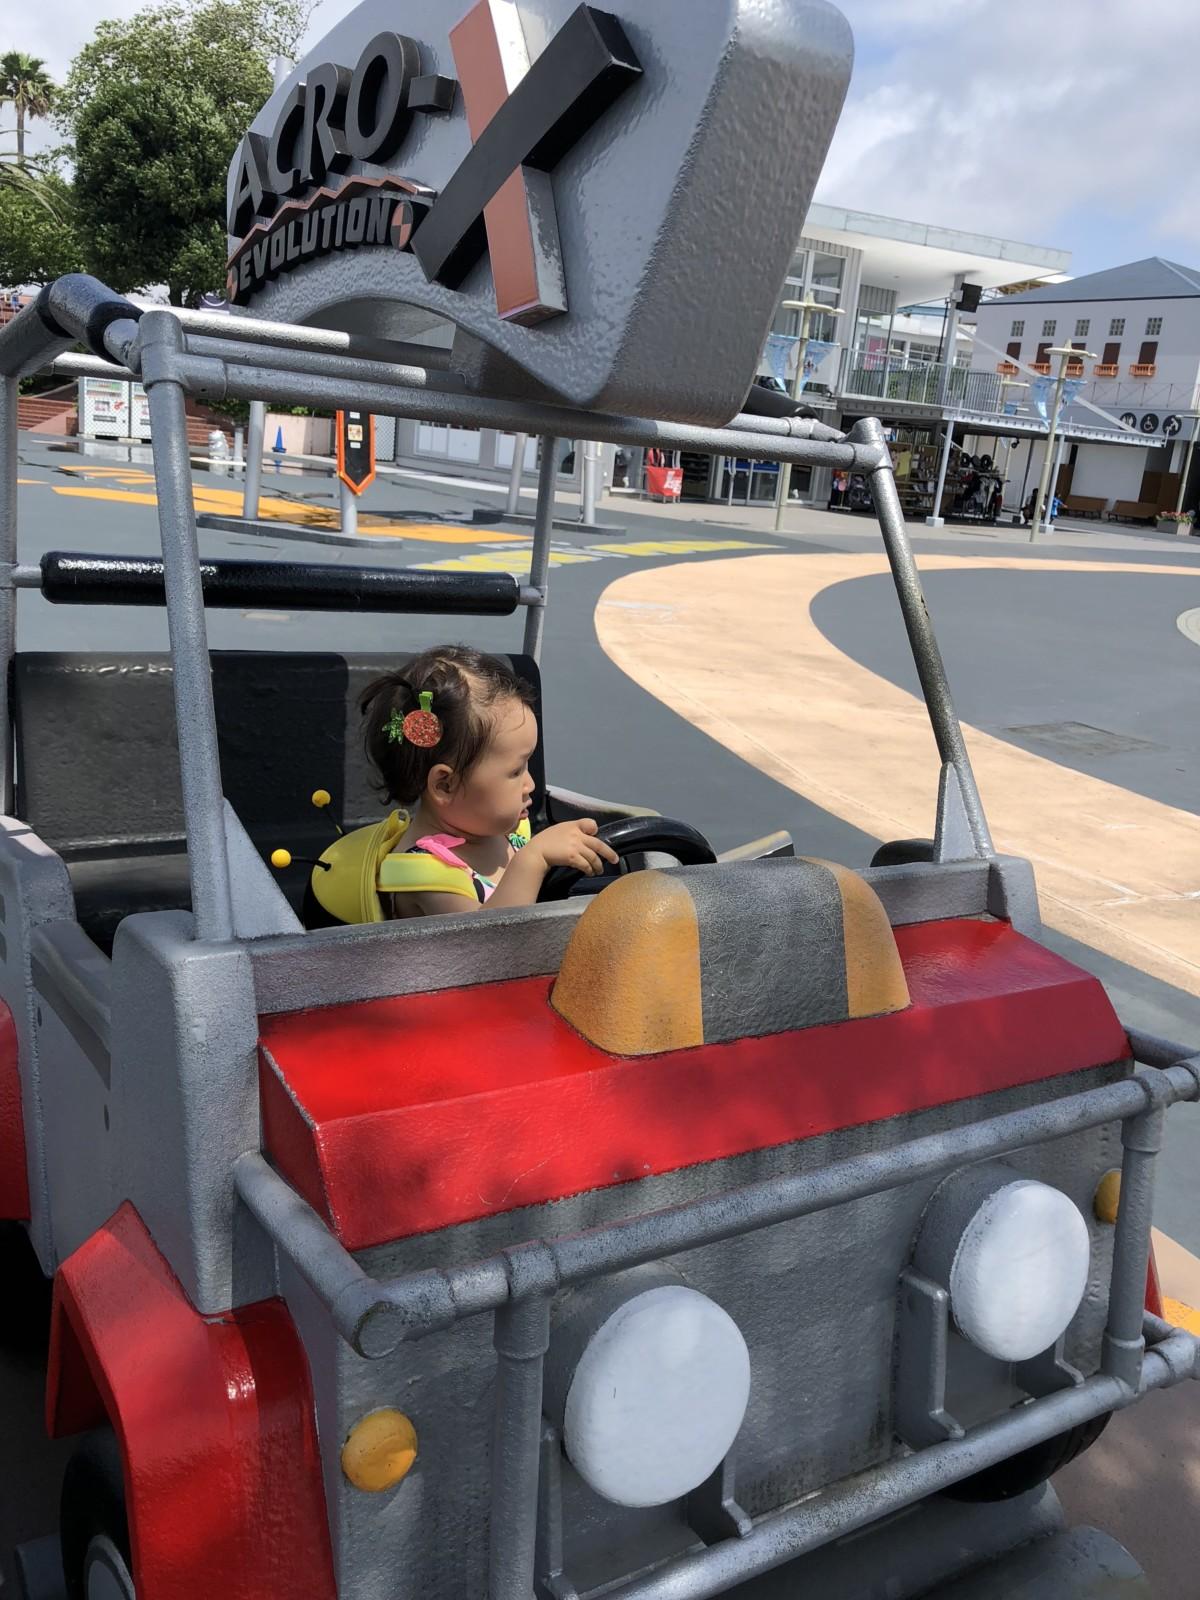 image-鈴鹿サーキットで1歳8ヶ月の子どもが遊ぶと、2時間でクタクタになった | パパ部